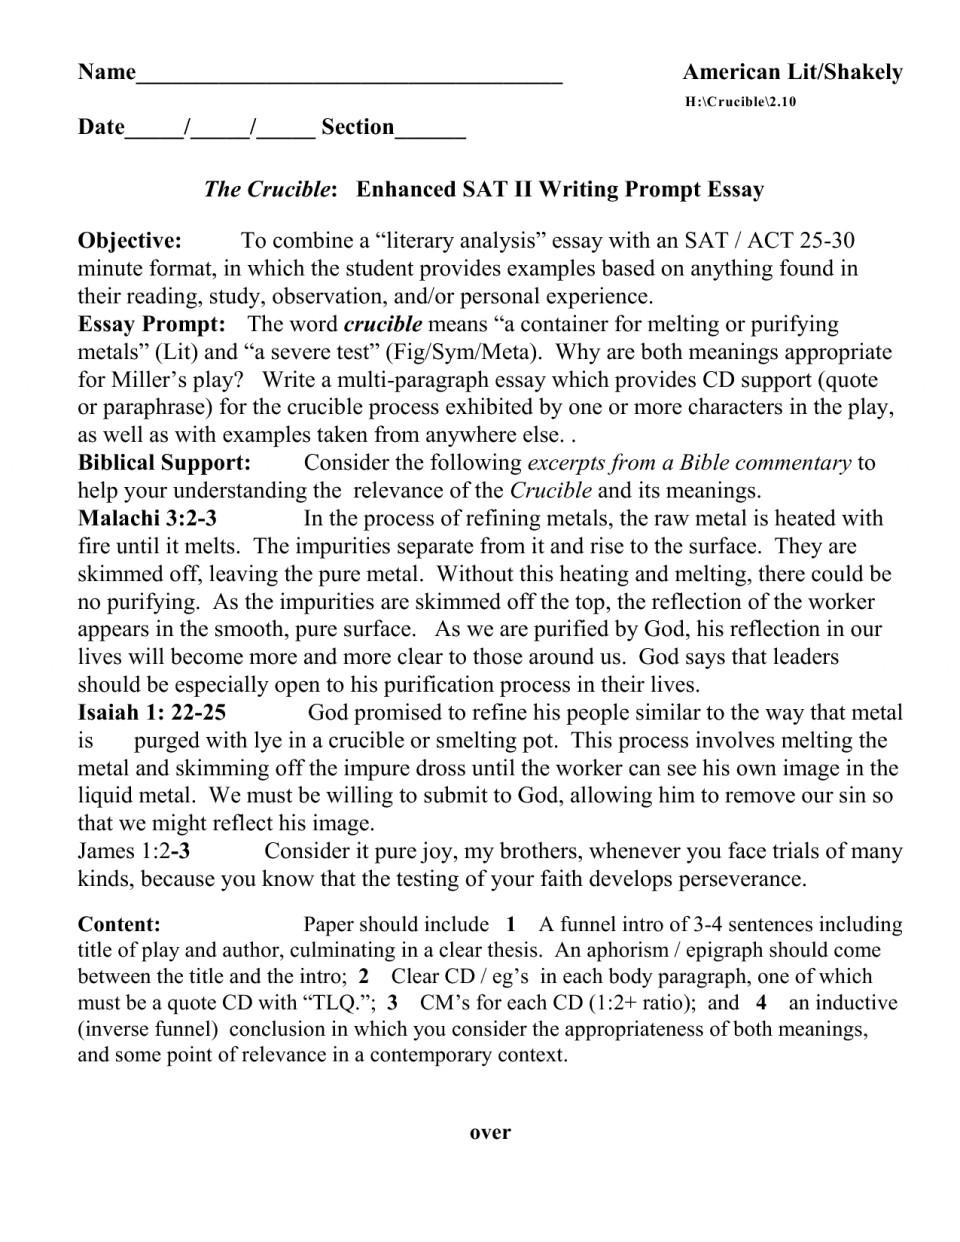 008 Sat Essay Prompts History Practice L Surprising 2015 2017 Prompt June 960